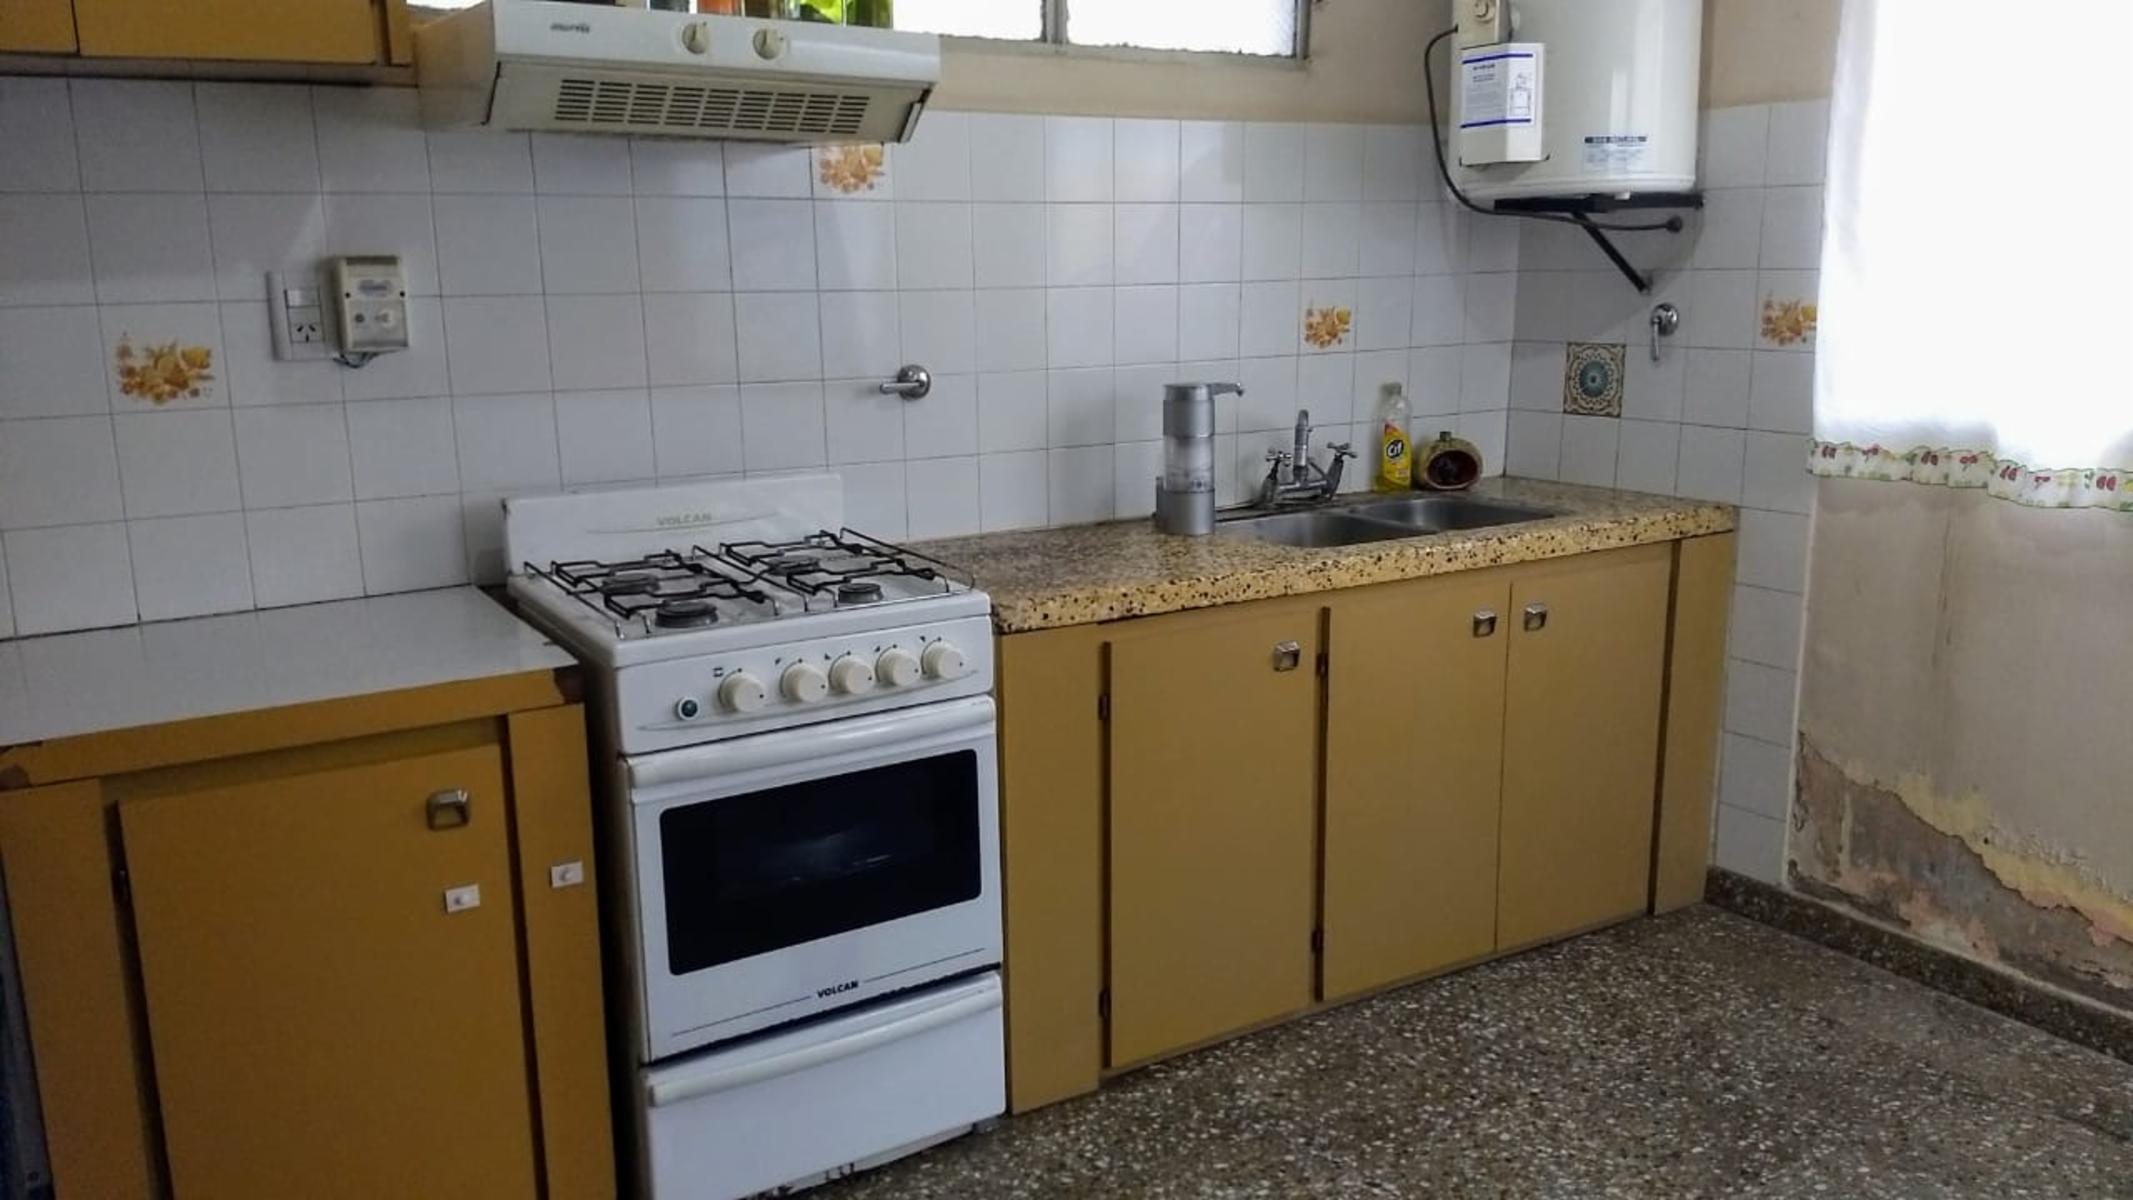 VENTA ALMIRANTE BROWN ESQUINA TIERRA DEL FUEGO, Guillermo Sanchez Desarrollos Inmobiliarios